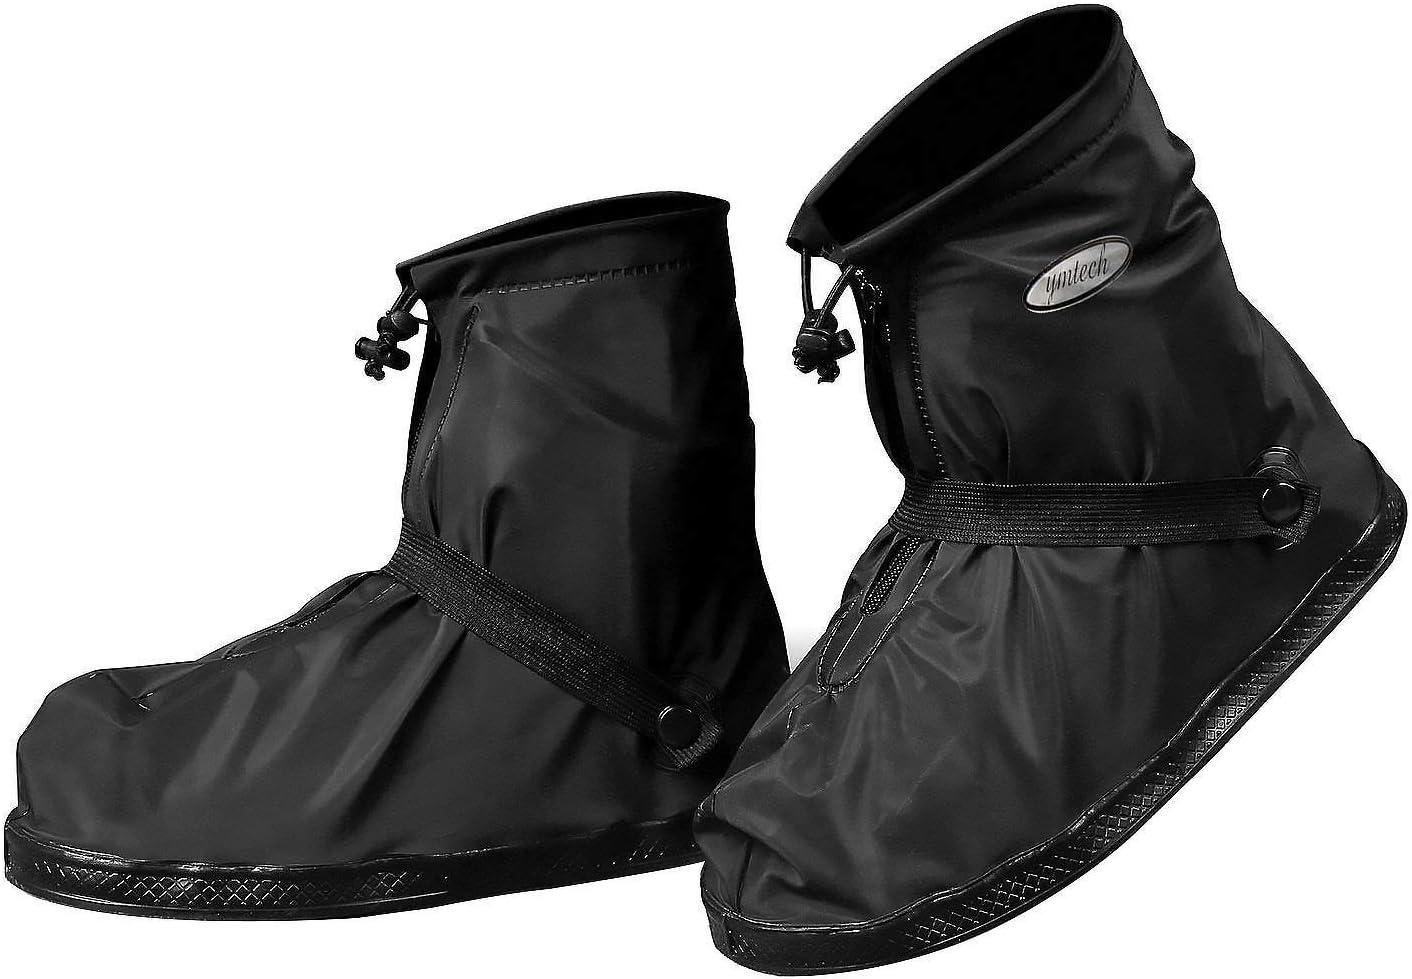 Cubiertas para zapatos para Motocicleta y Bicicleta YMTECH Impermeable y antideslizante Cubierta del zapato